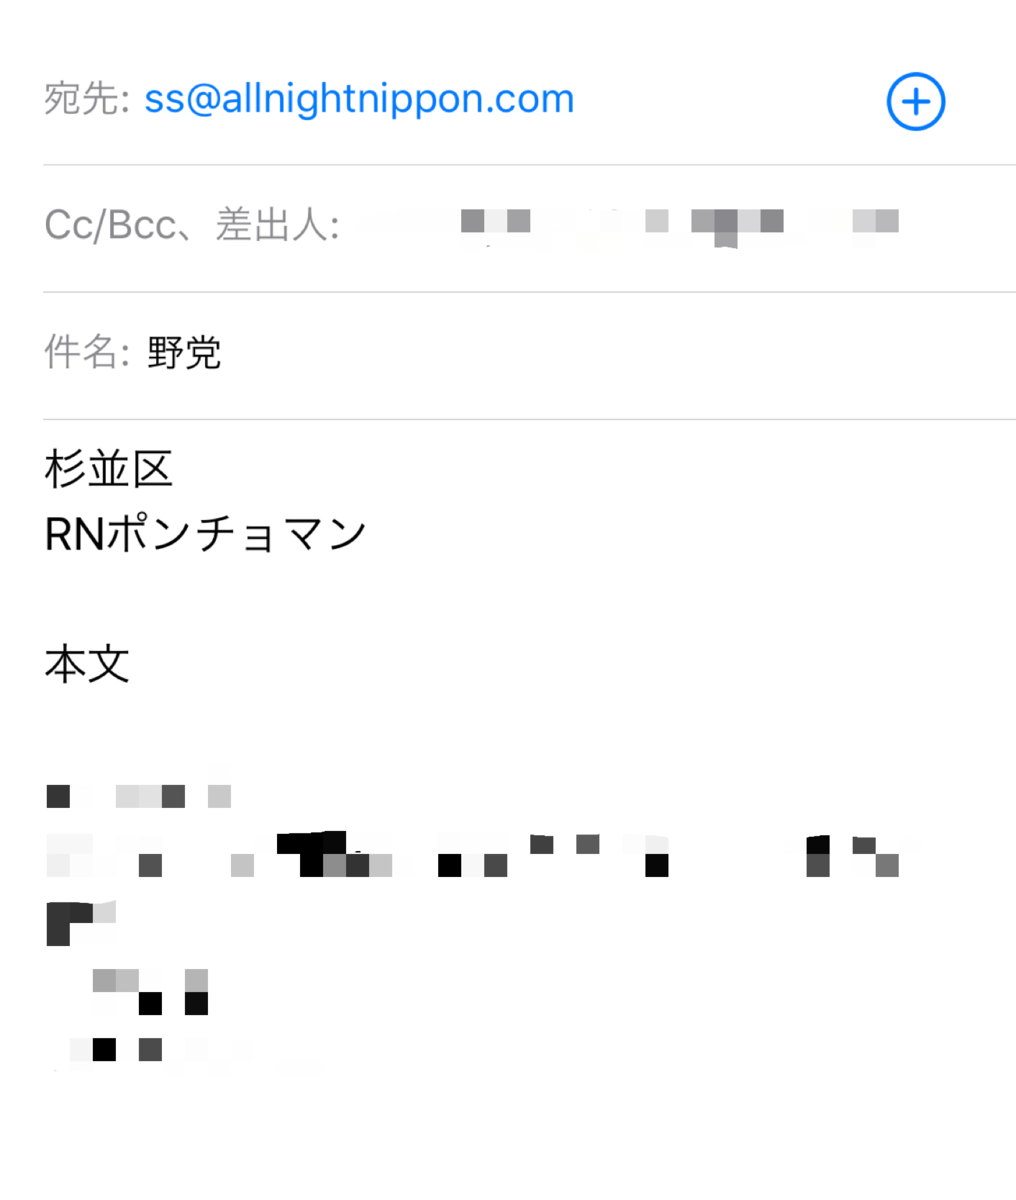 f:id:cobainyashi0815:20200619010833p:plain